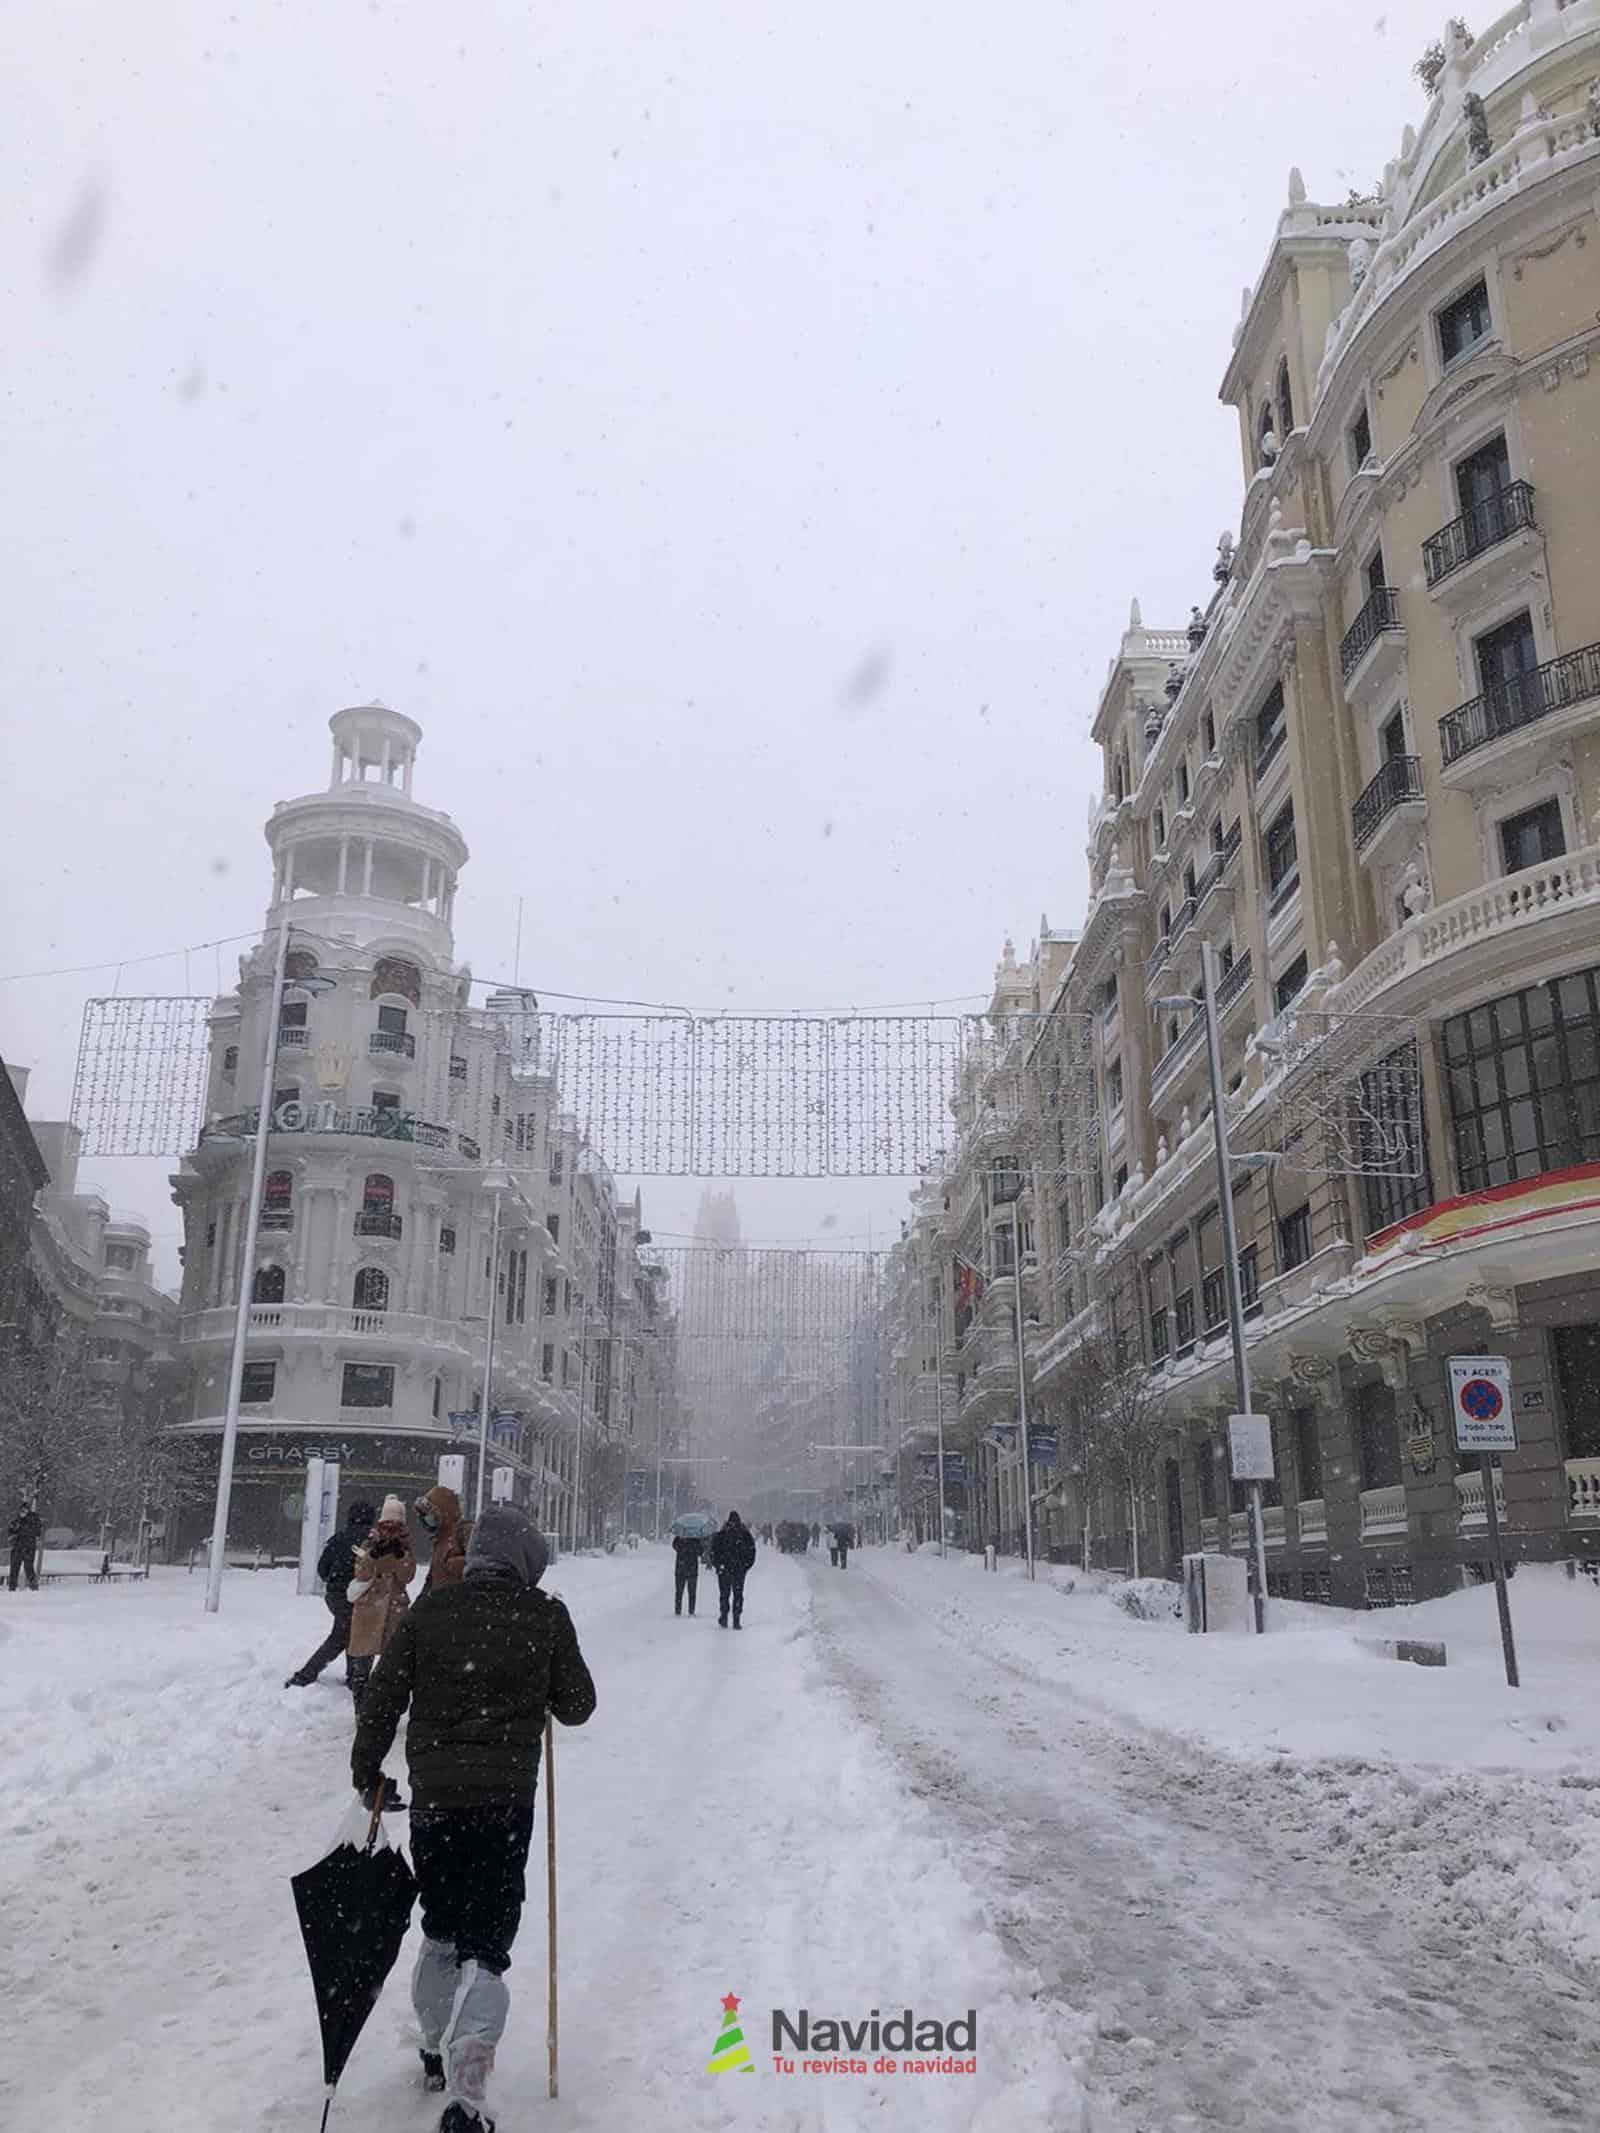 Fotografías de la nevada de enero en Madrid (España) 165